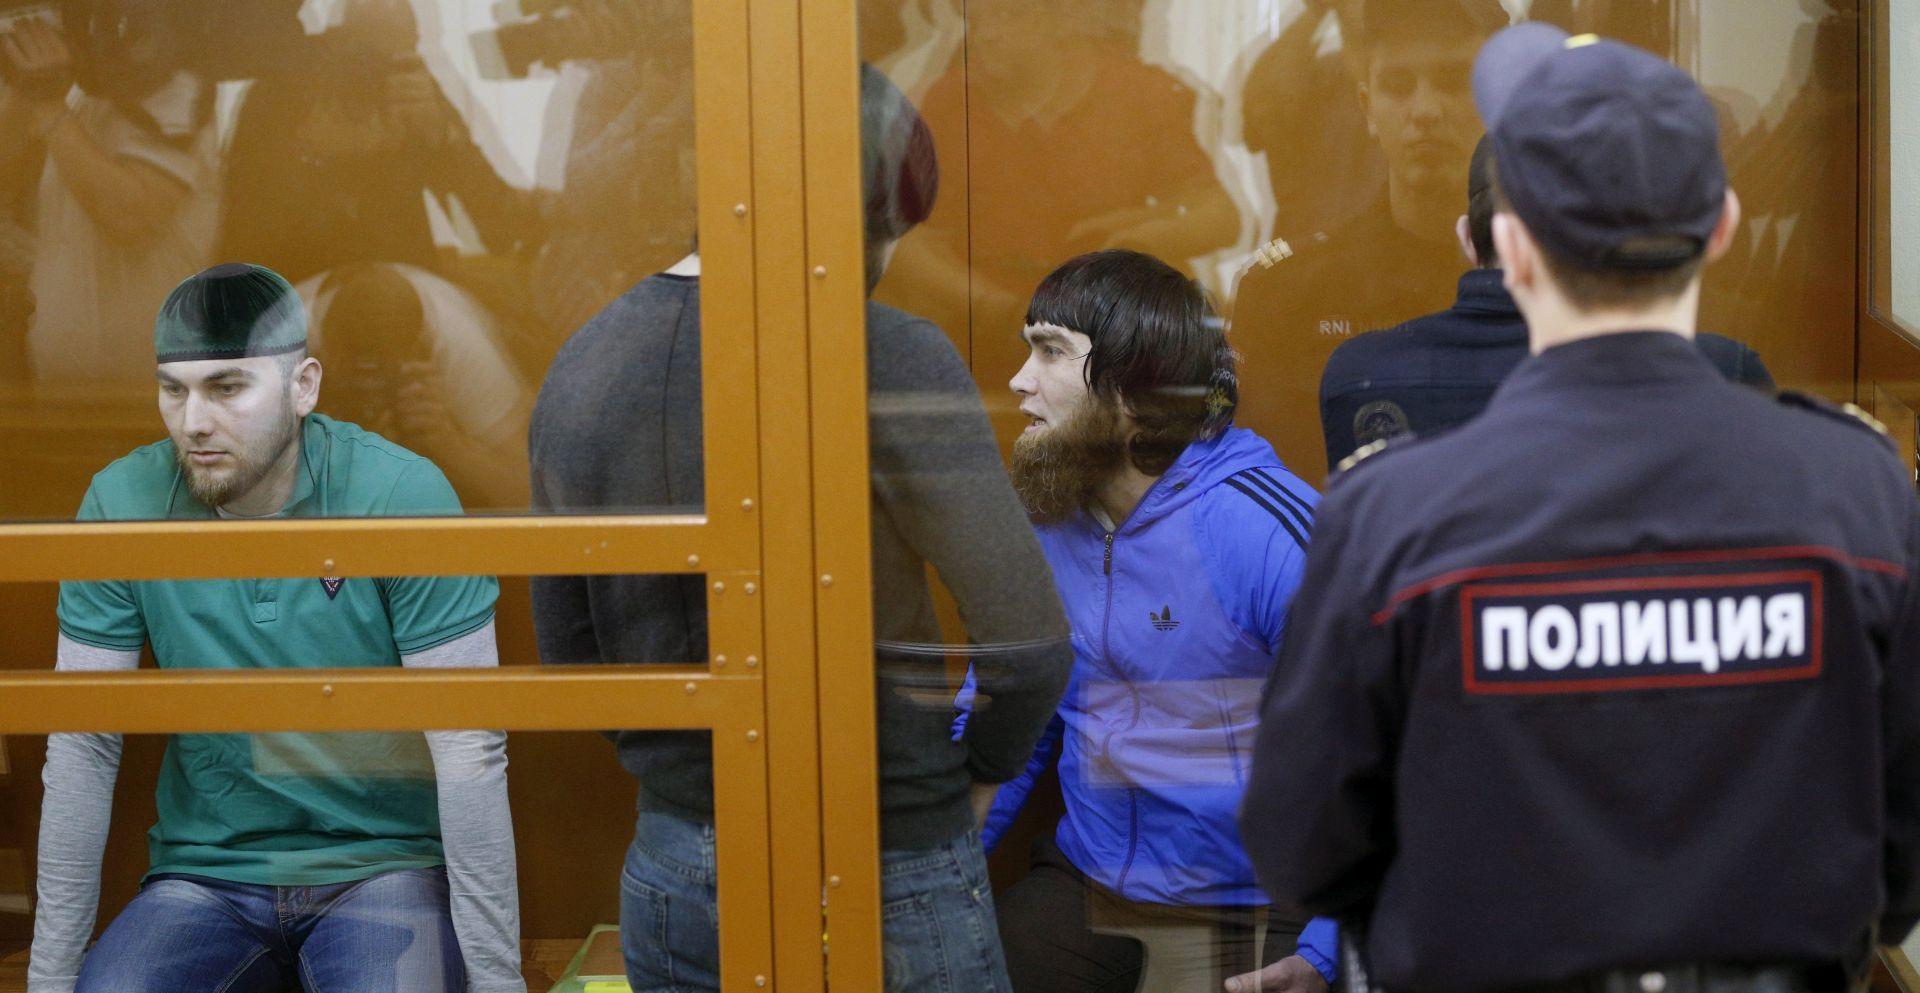 Ubojici Borisa Nemtsova 20 godina zatvora